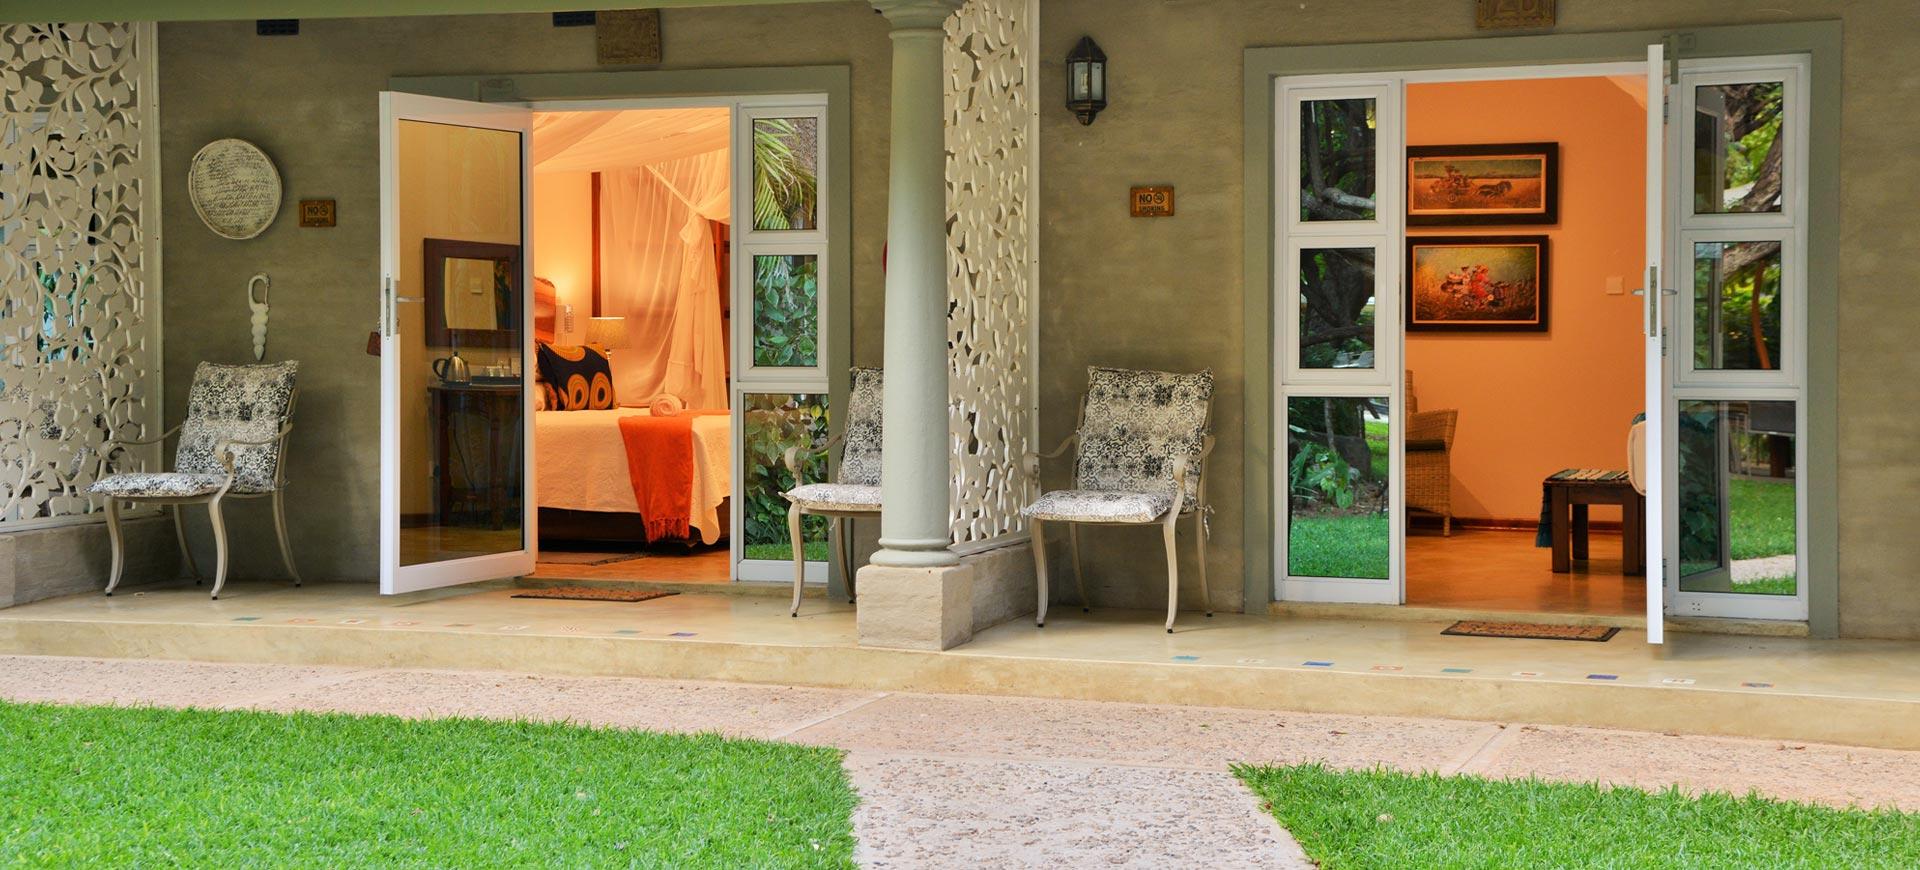 Bayete Lodge Accommodation